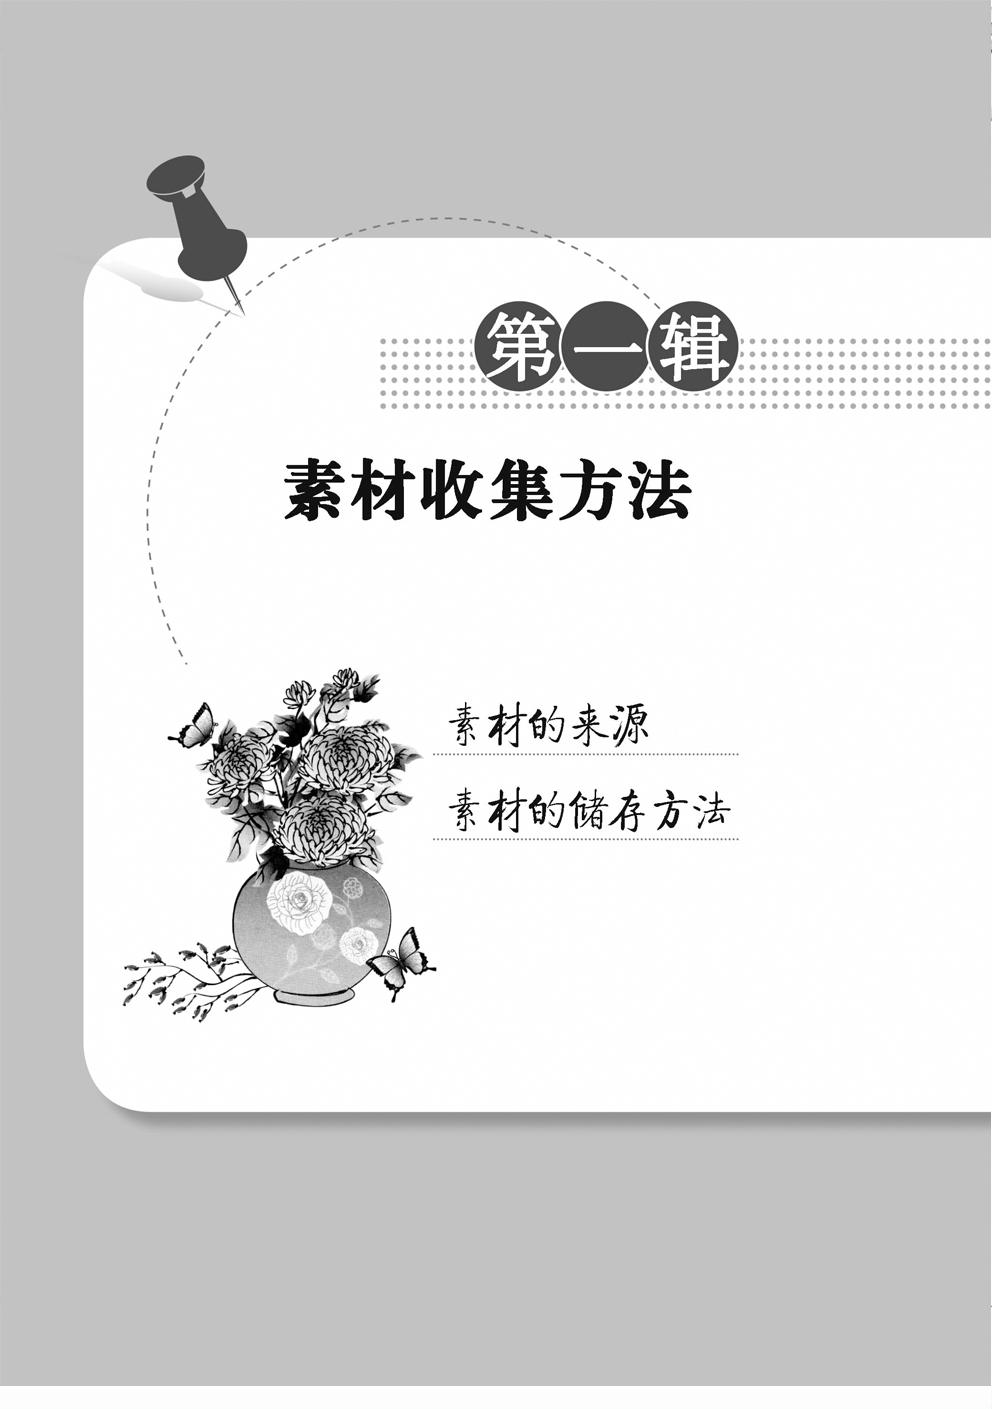 @高中生!最新高中作文素材积累及范文详解(全是正能量好文!)